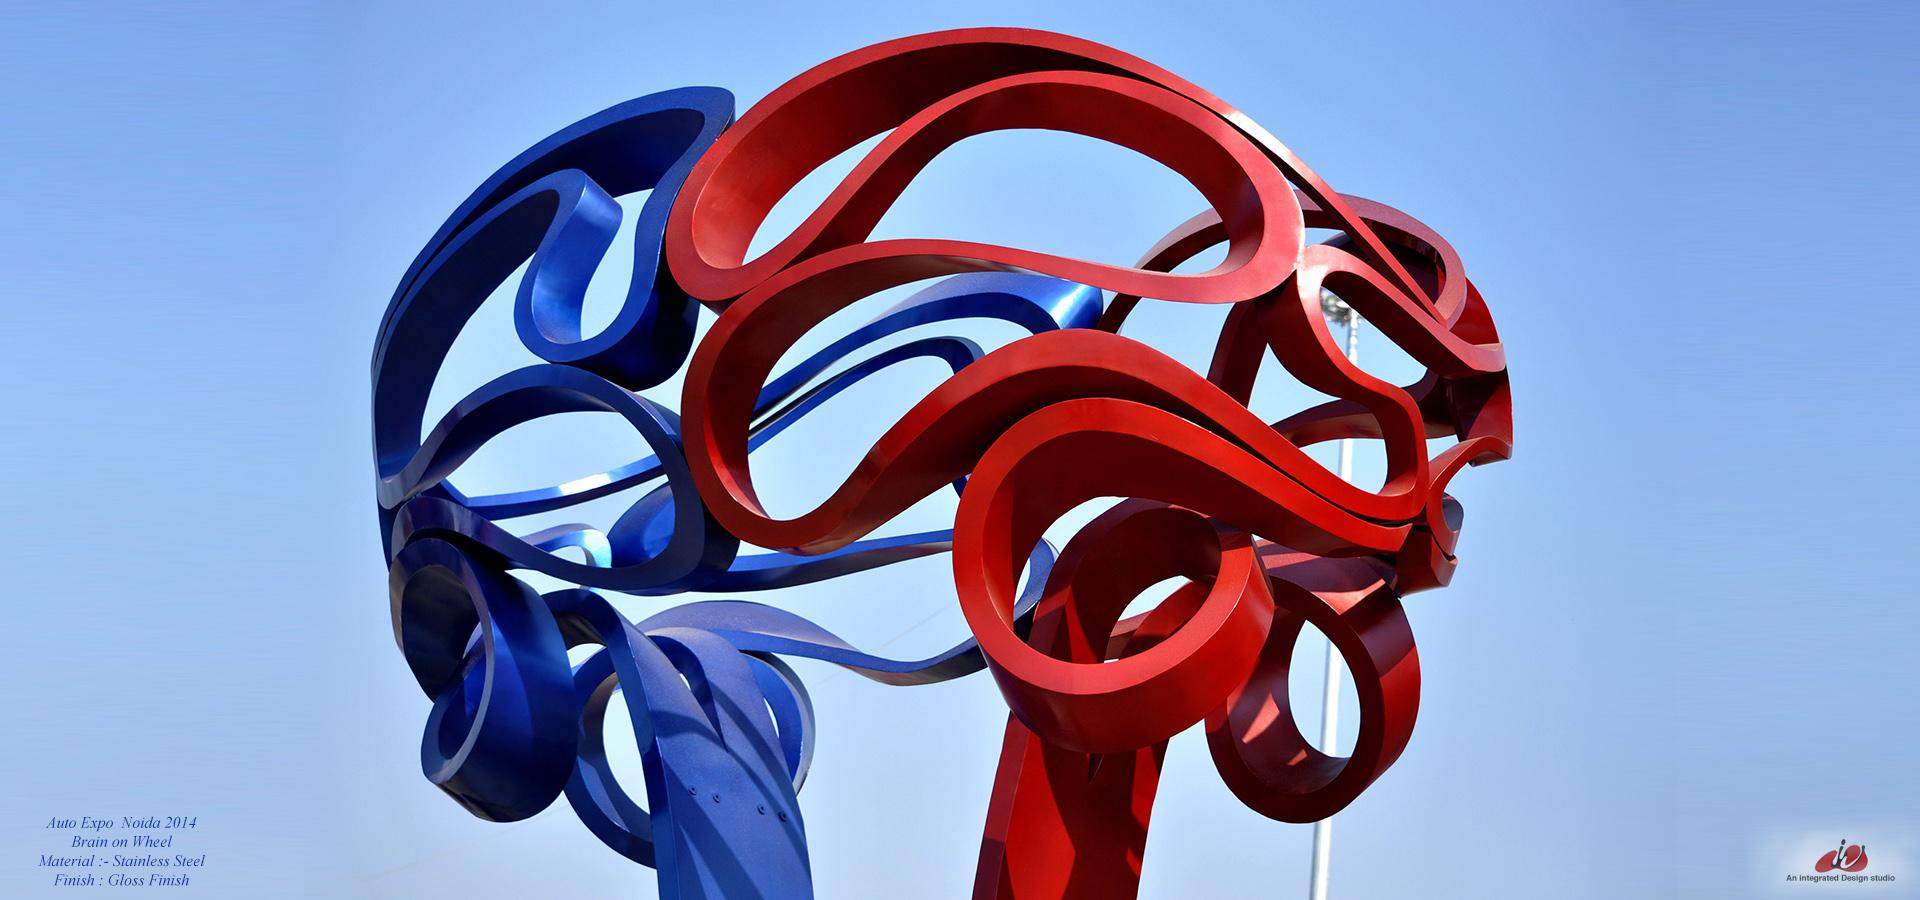 steel sculpture india auto expo India